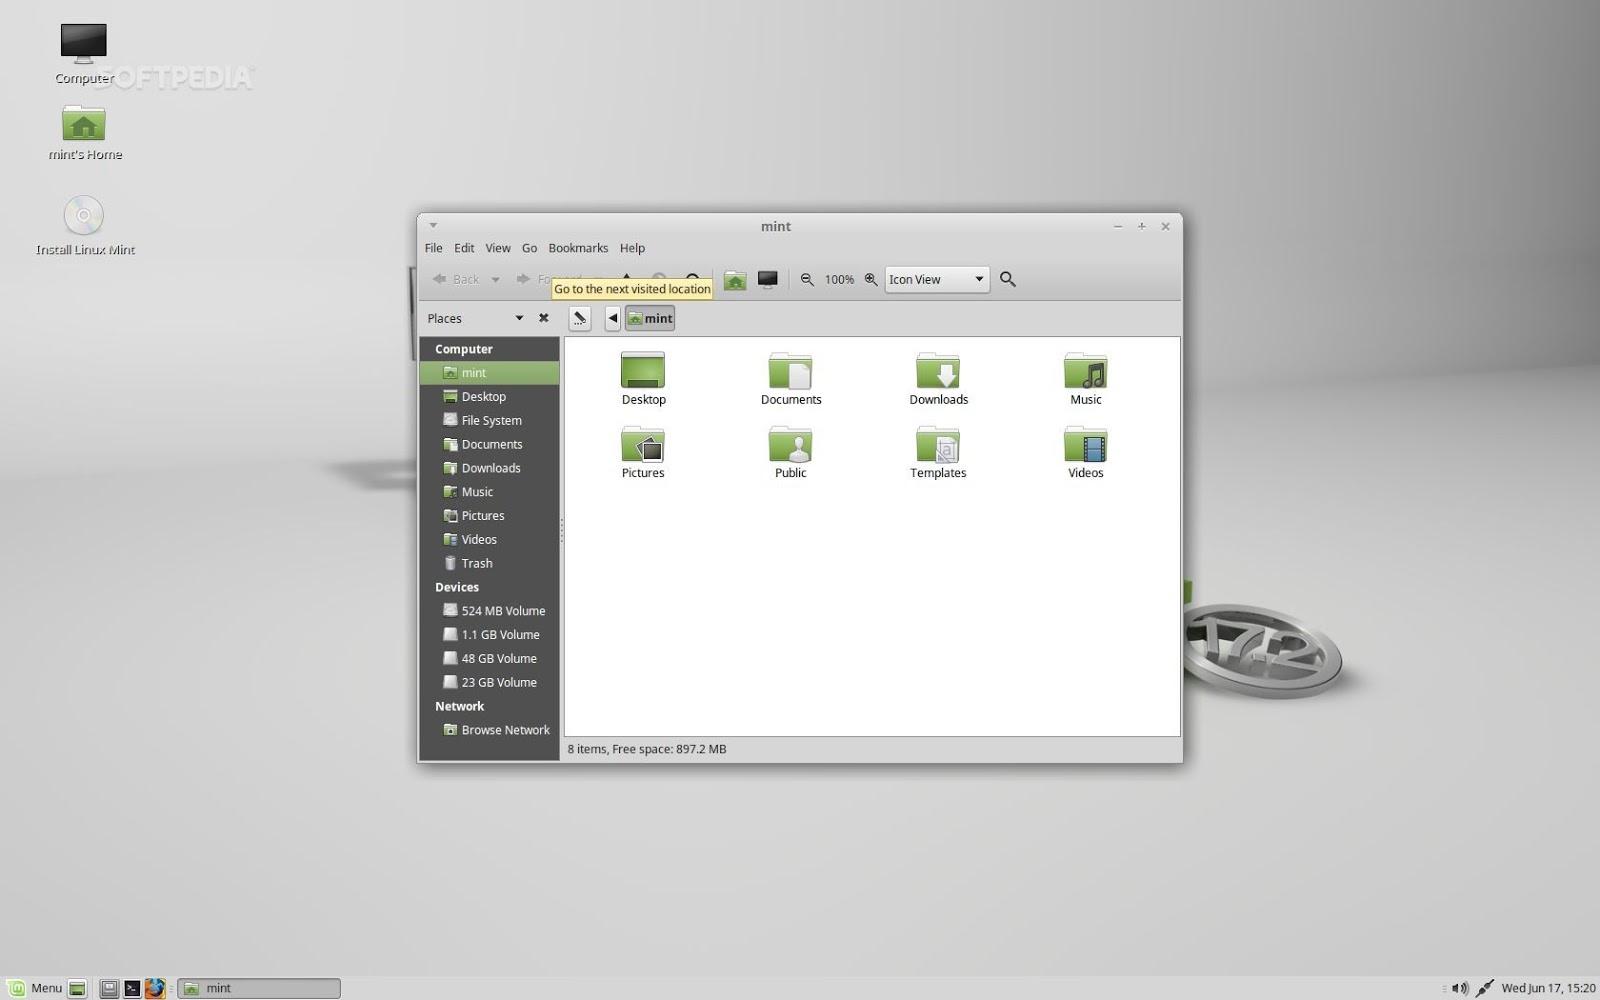 Установка тор браузера в линукс минт gidra darknet серия hydra2web